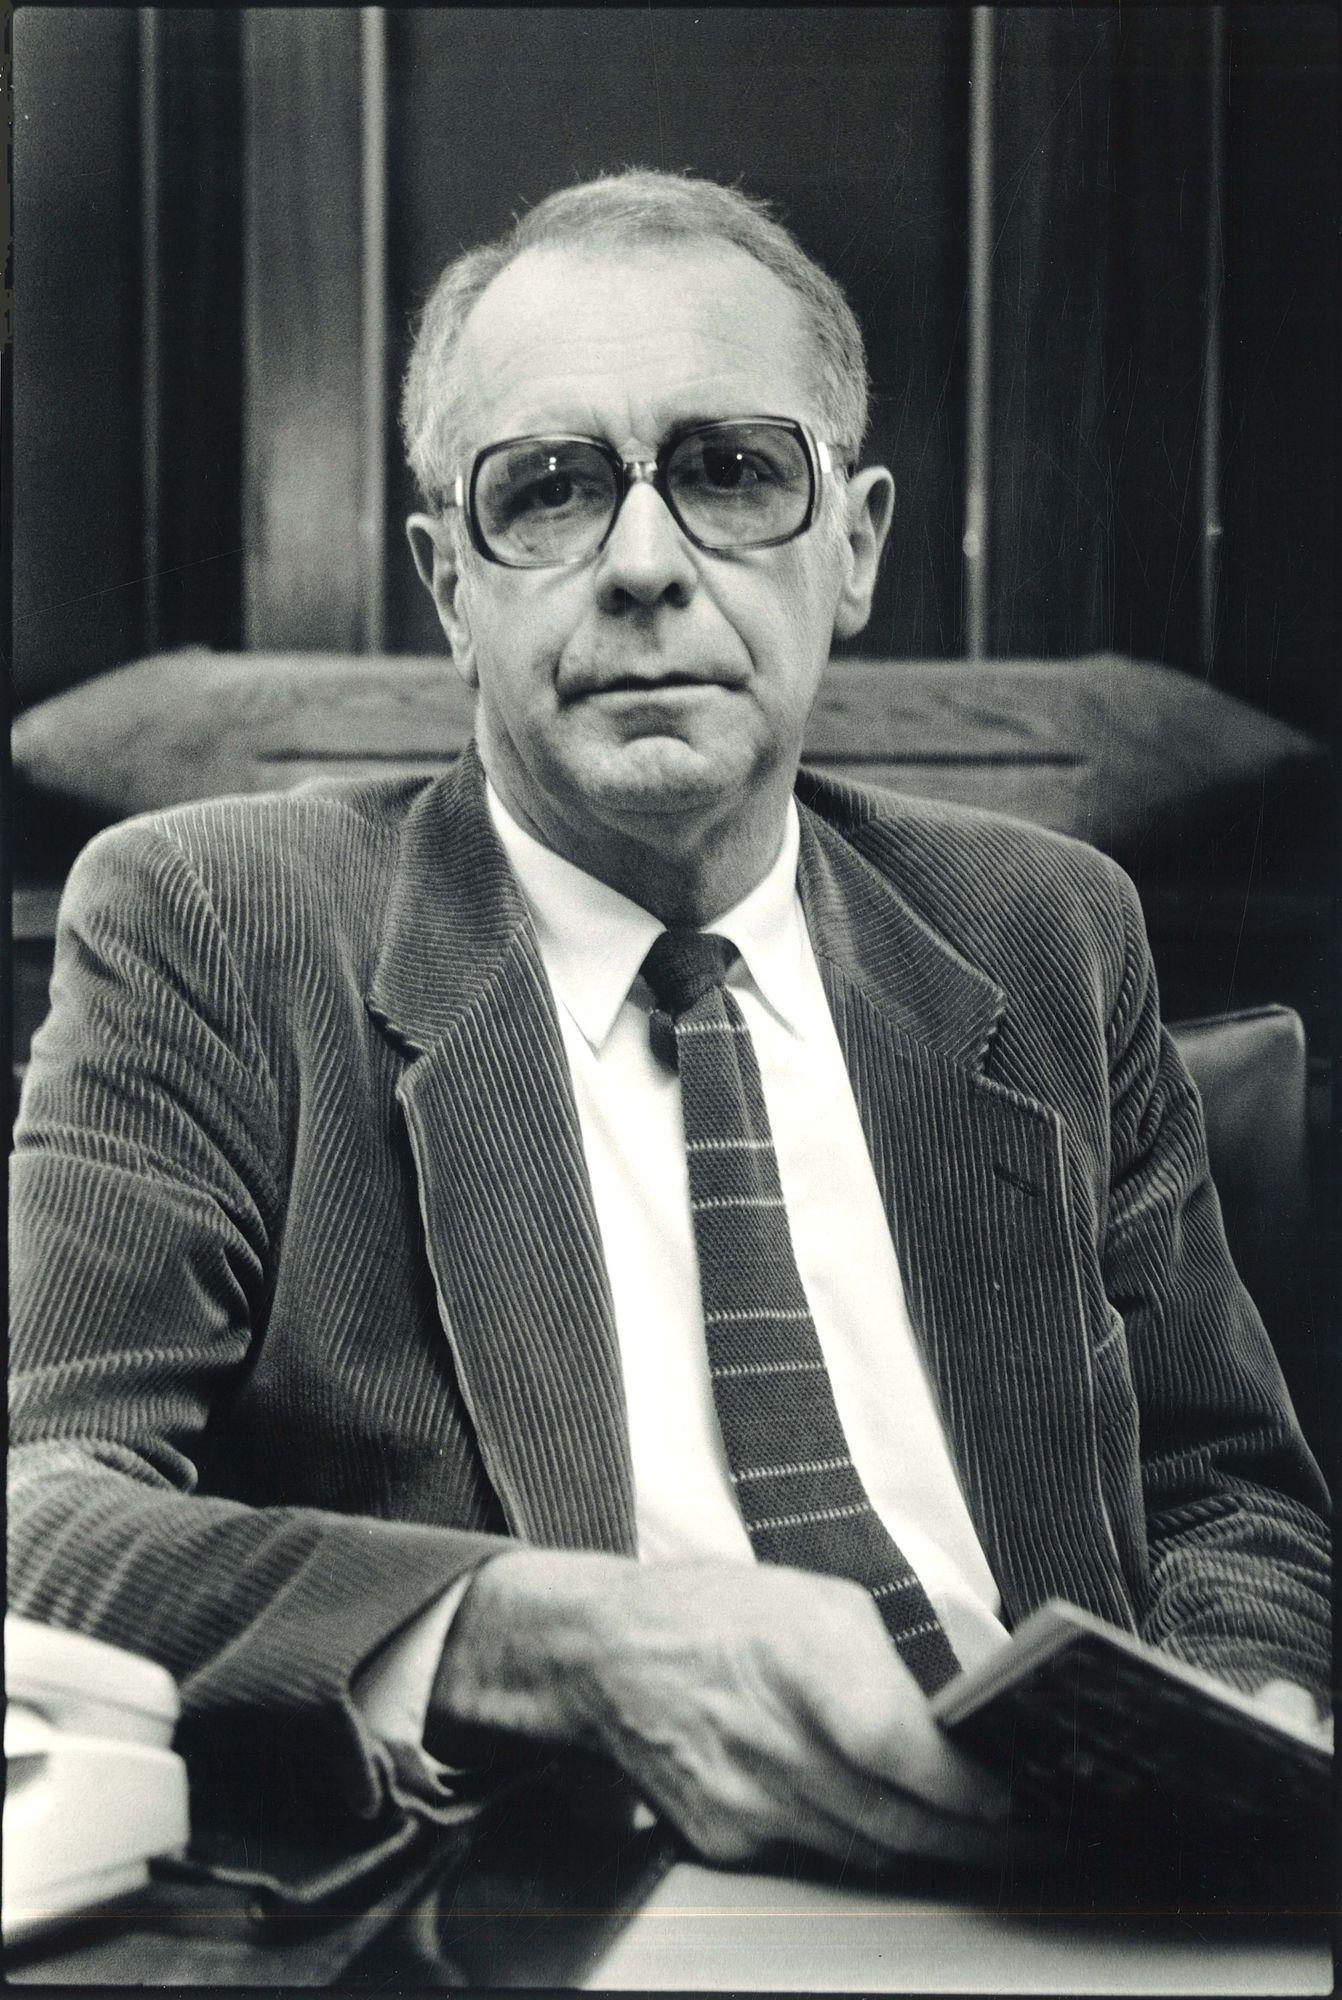 De heer Hector Ovaert 1986